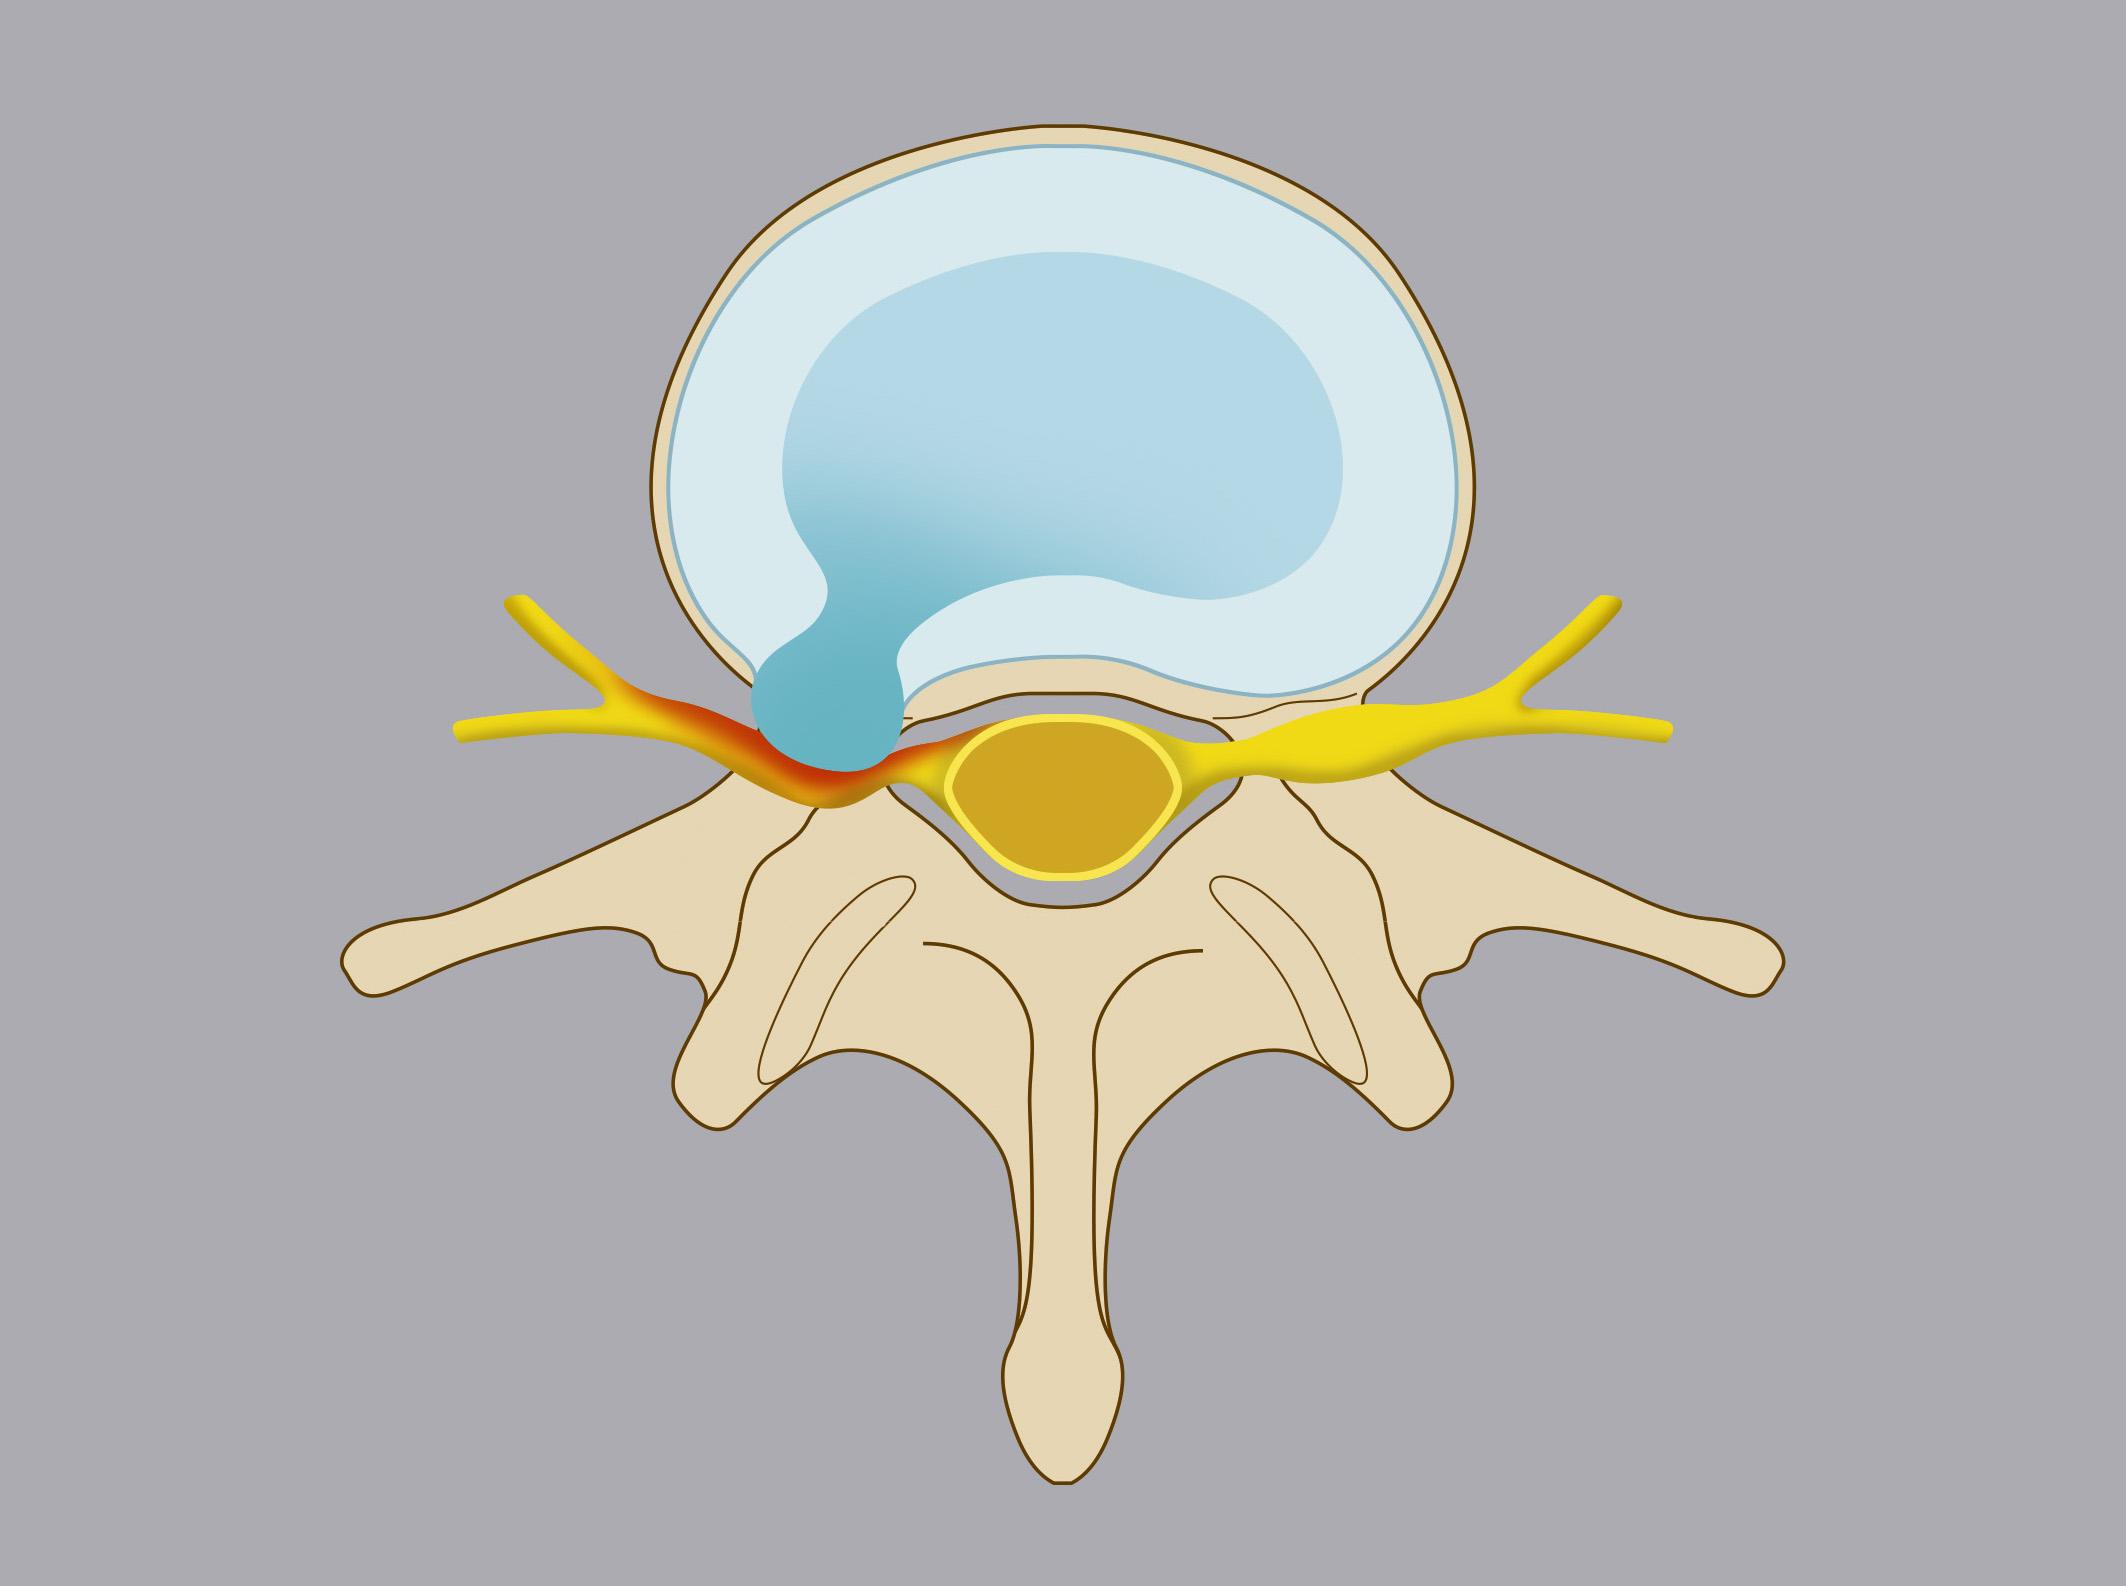 Ernia intraforaminale. Il nucleo polposo del disco migra all'interno del forame di coniugazione, entrando in contatto con la radice nervosa.